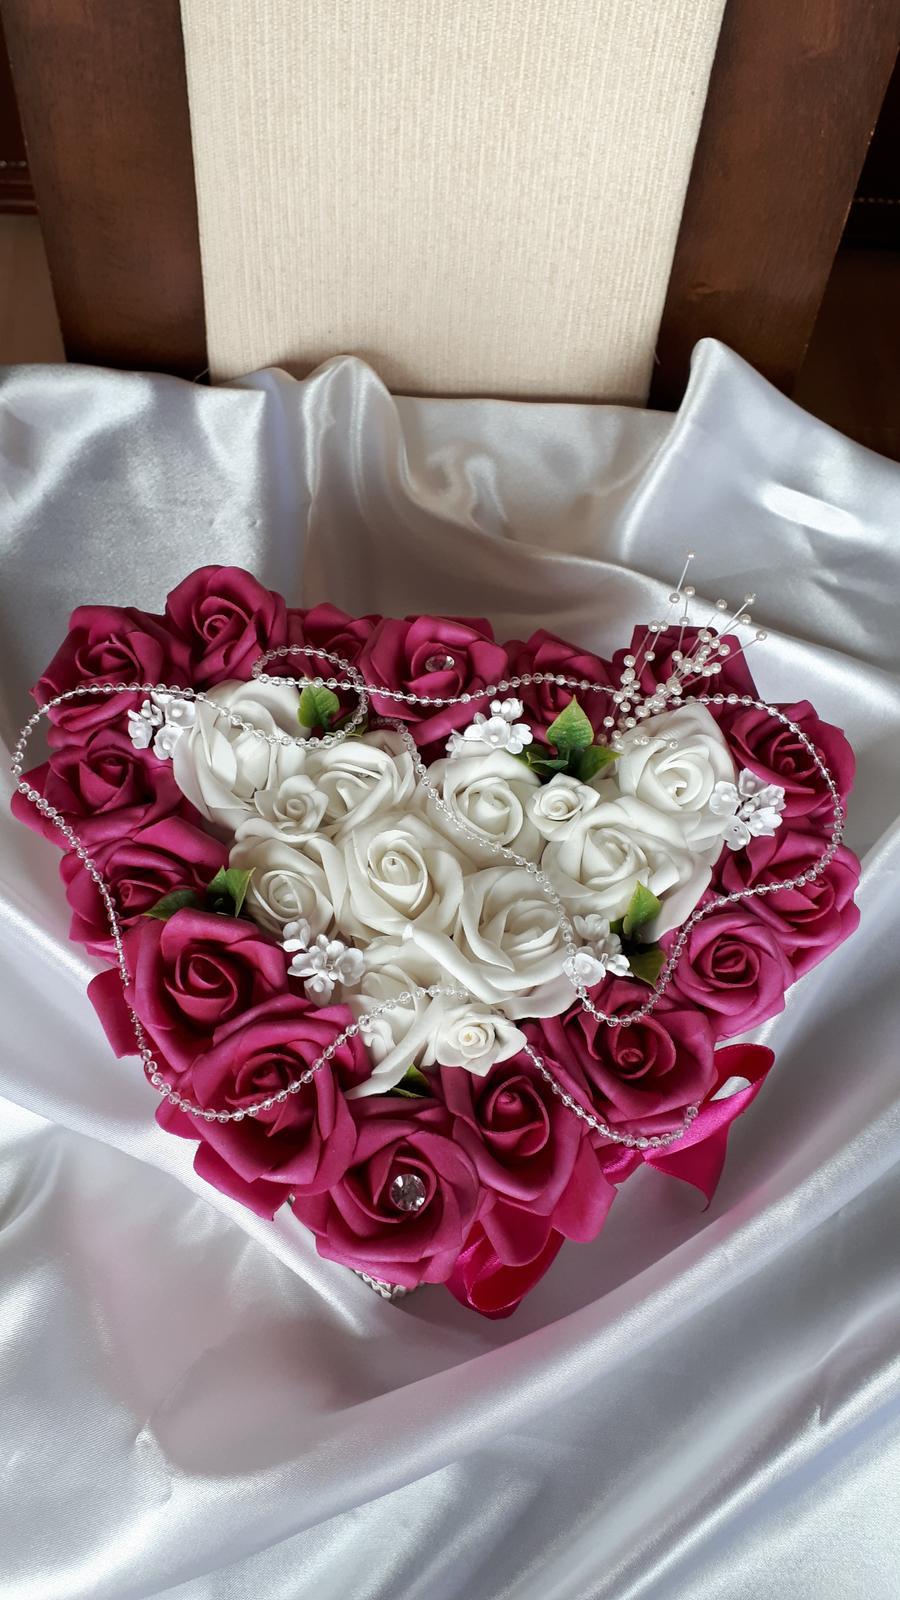 Flower box - Obrázek č. 1